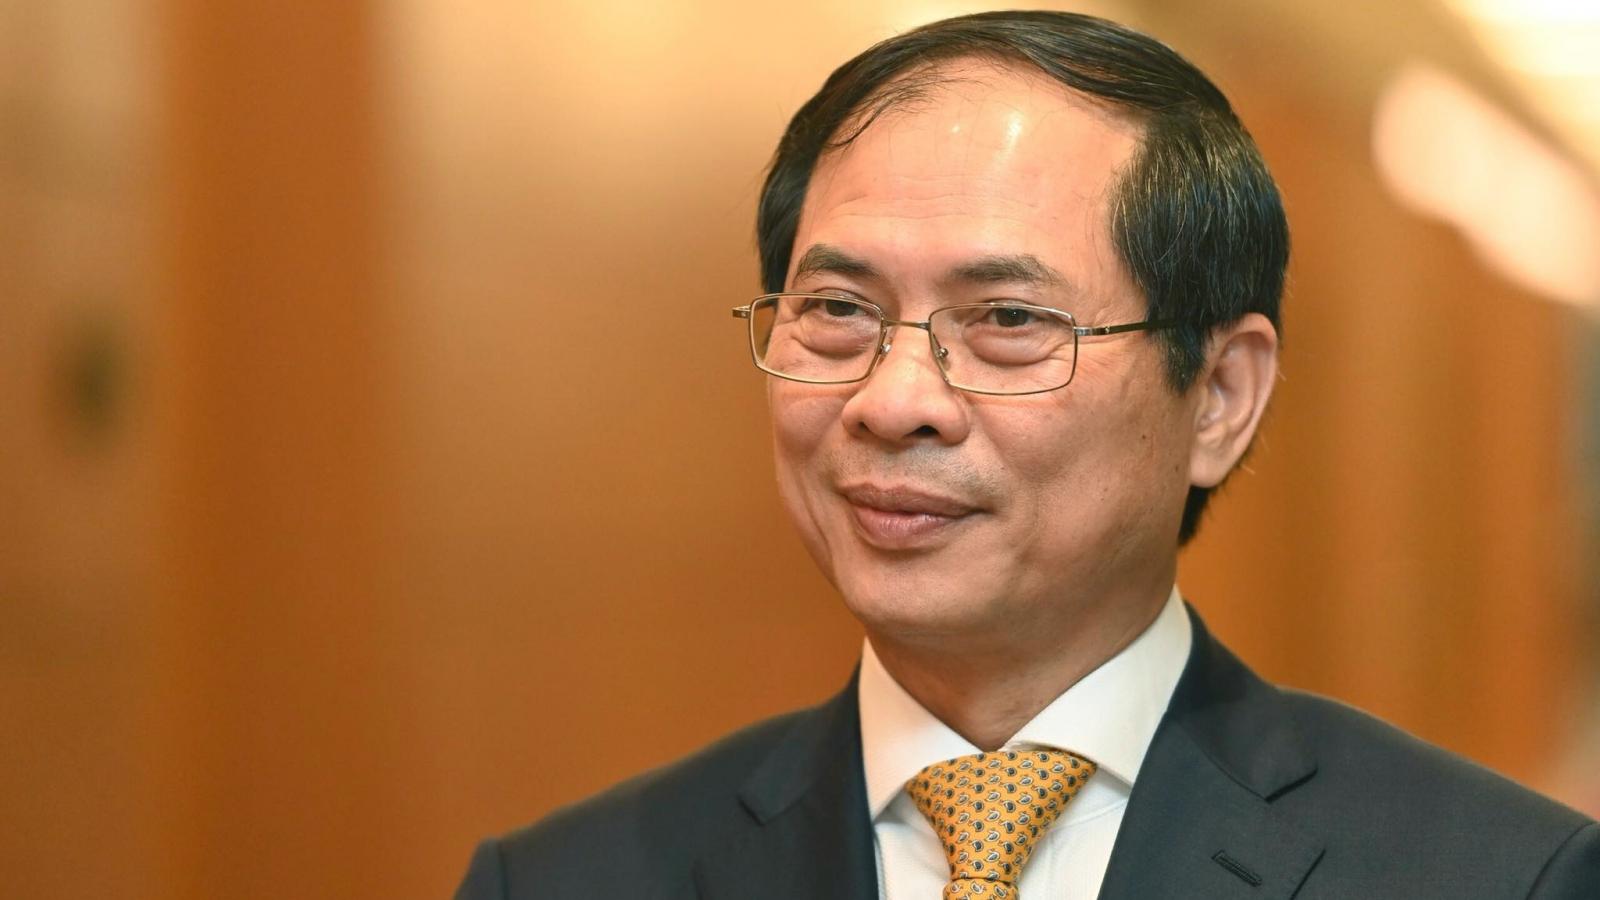 Tân Bộ trưởng Bùi Thanh Sơn nêu 4 trọng tâm ưu tiên của ngoại giao Việt Nam